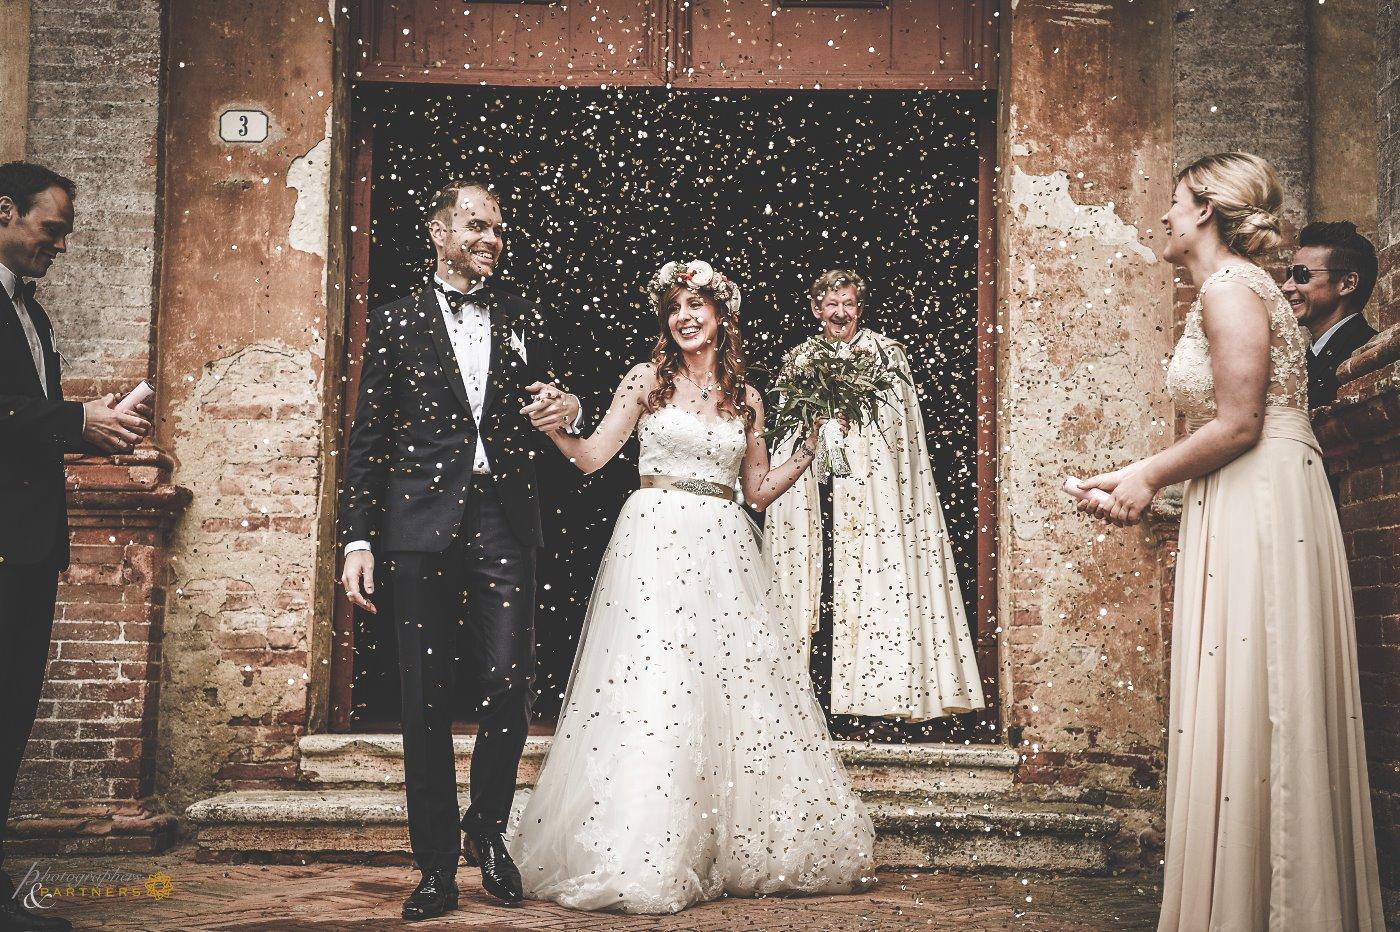 wedding_photos_camprena_11.jpg